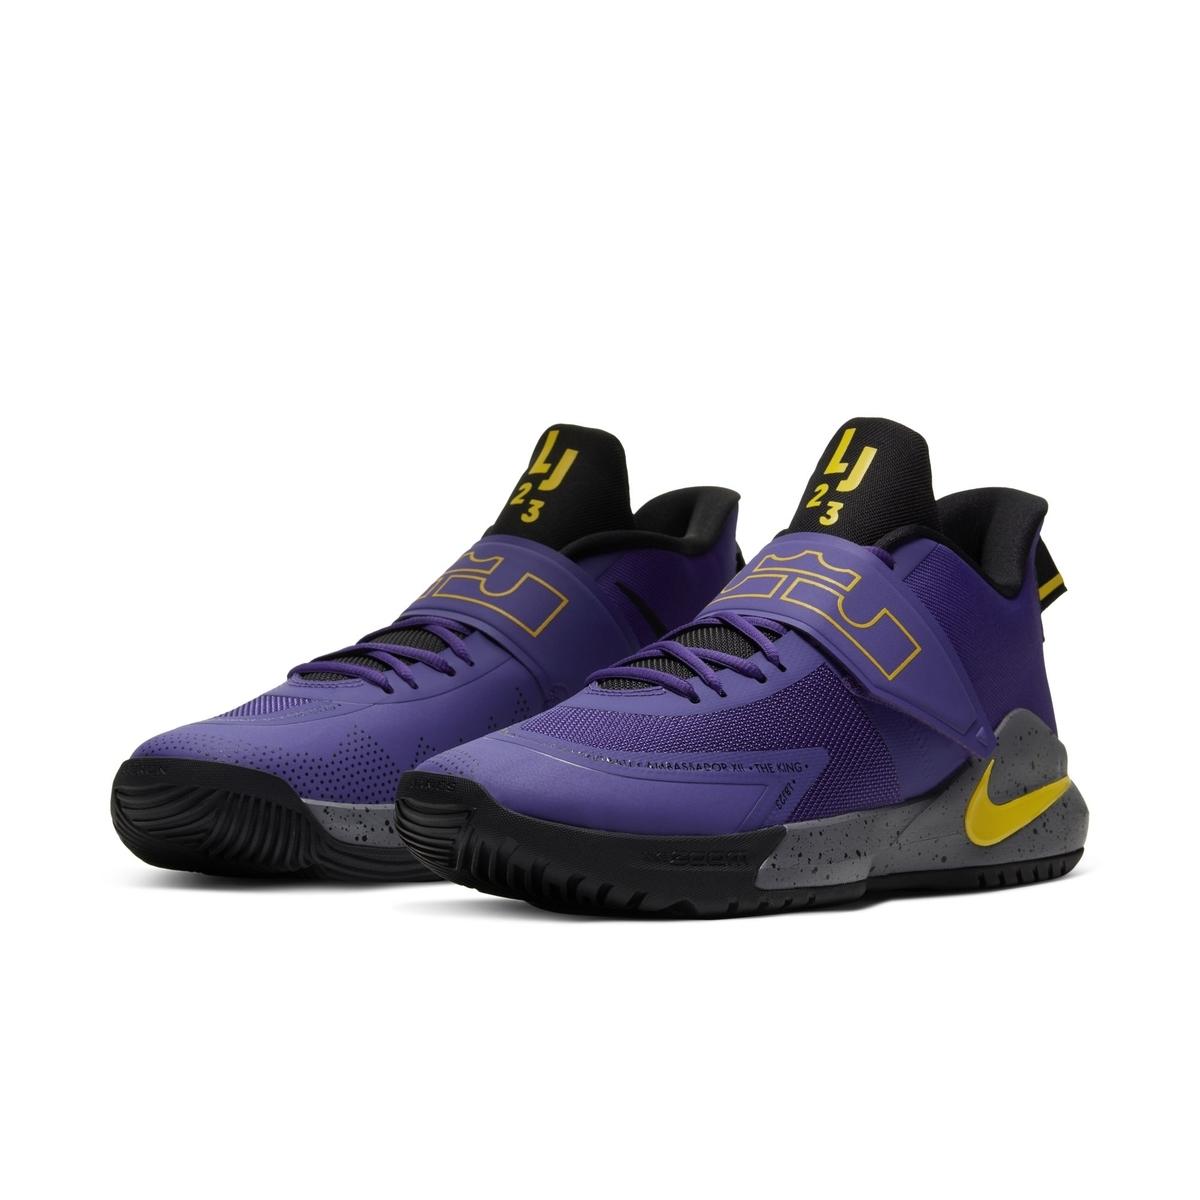 Nike LeBron Ambassador XII thêm 2 phối màu mới